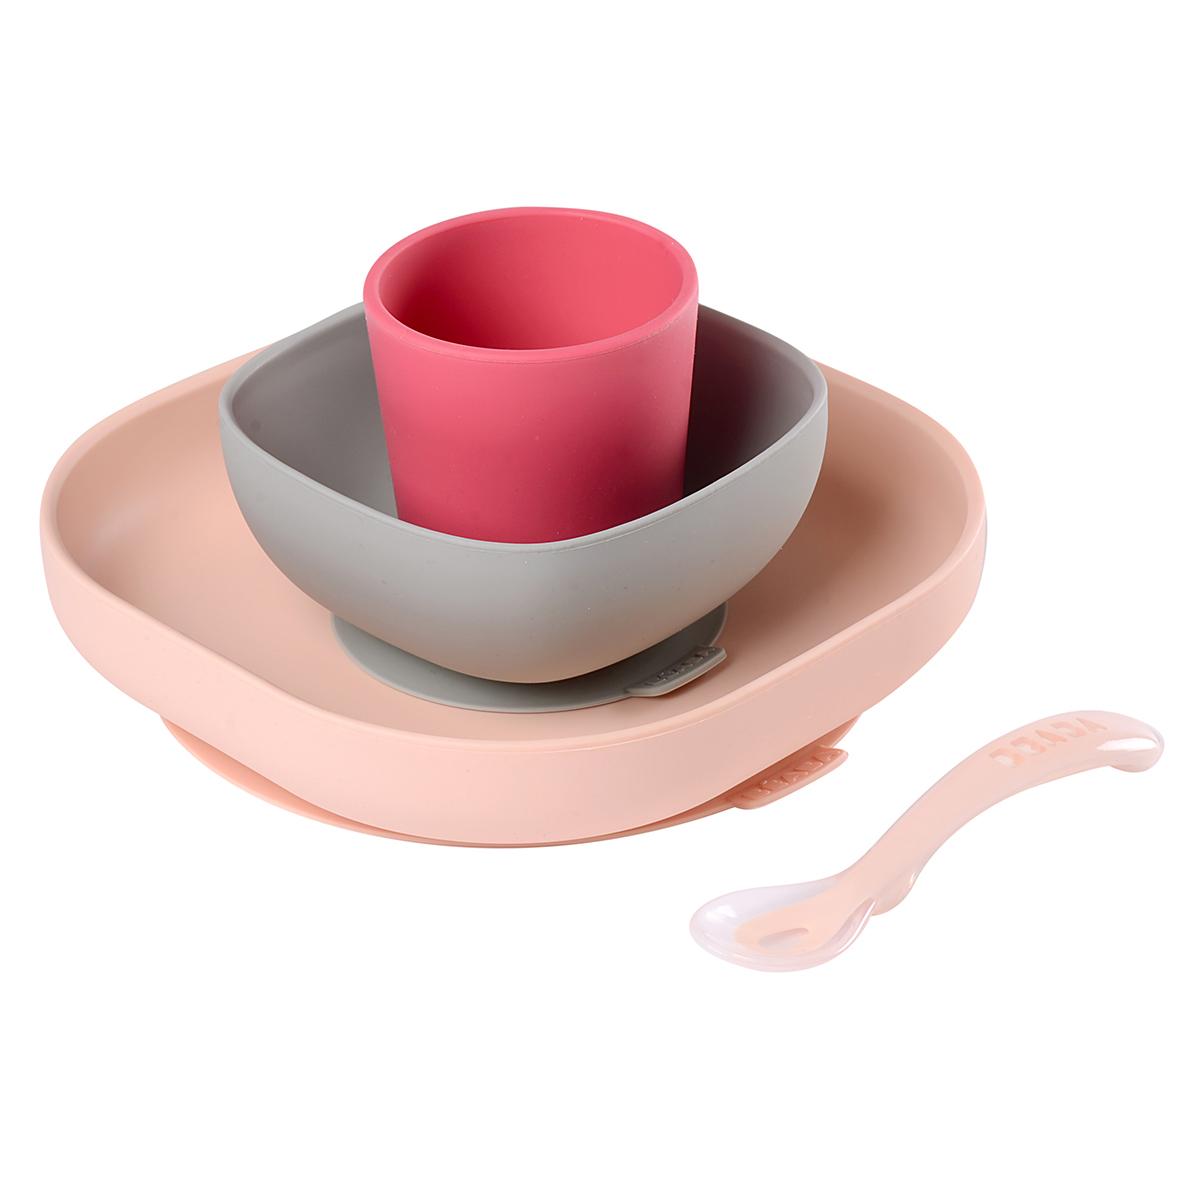 Coffret repas Set de Vaisselle 4 Pièces - Pink Set de Vaisselle 4 Pièces - Pink